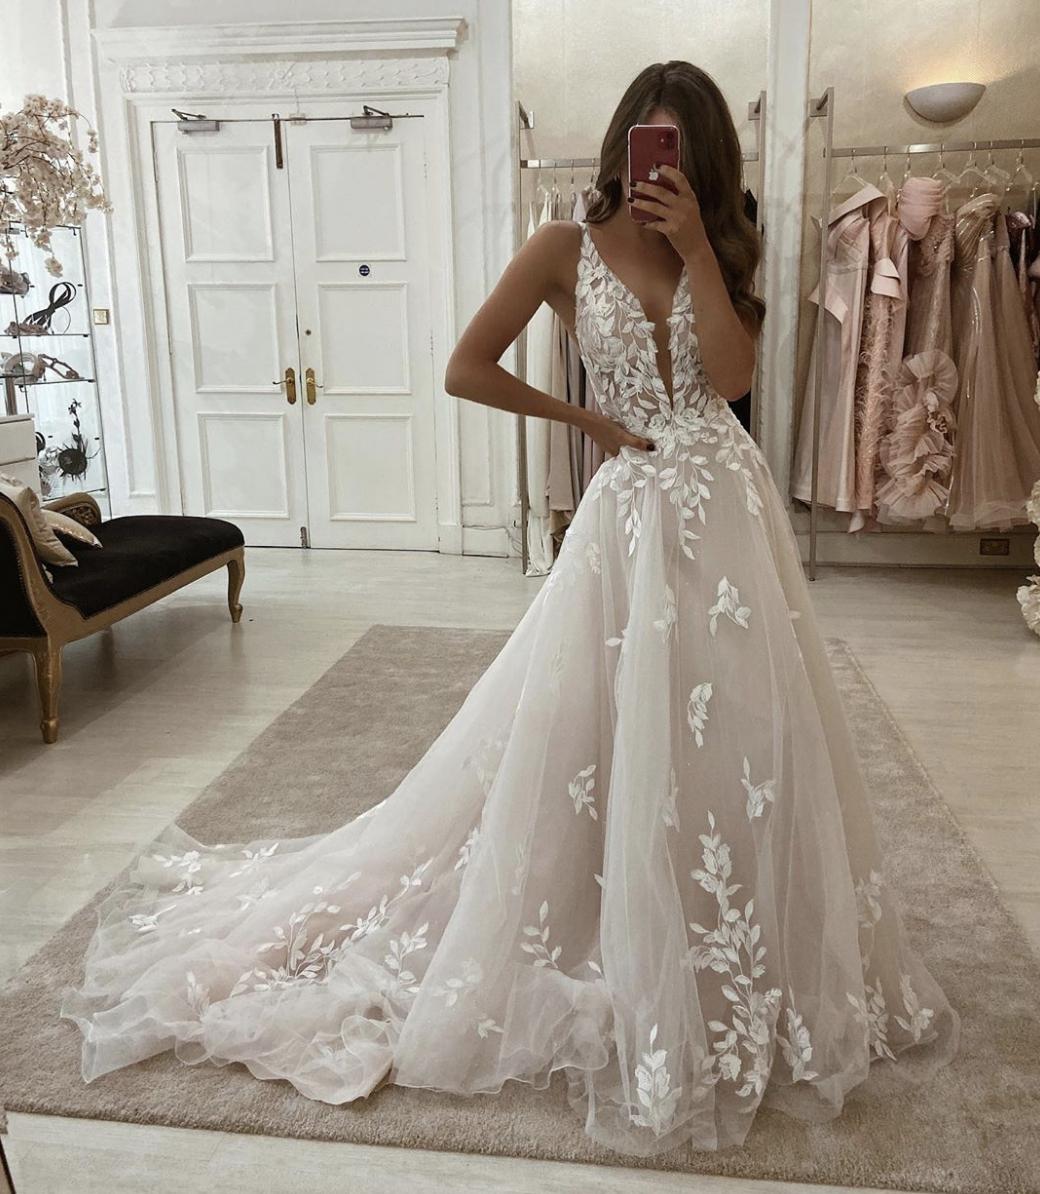 Fia At Eleganza Sposa Glasgow S Glamorous Wedding Gown Boutique Essense Of Australia Wedding Dresses Ball Gowns Wedding Wedding Dresses Lace [ 1194 x 1040 Pixel ]